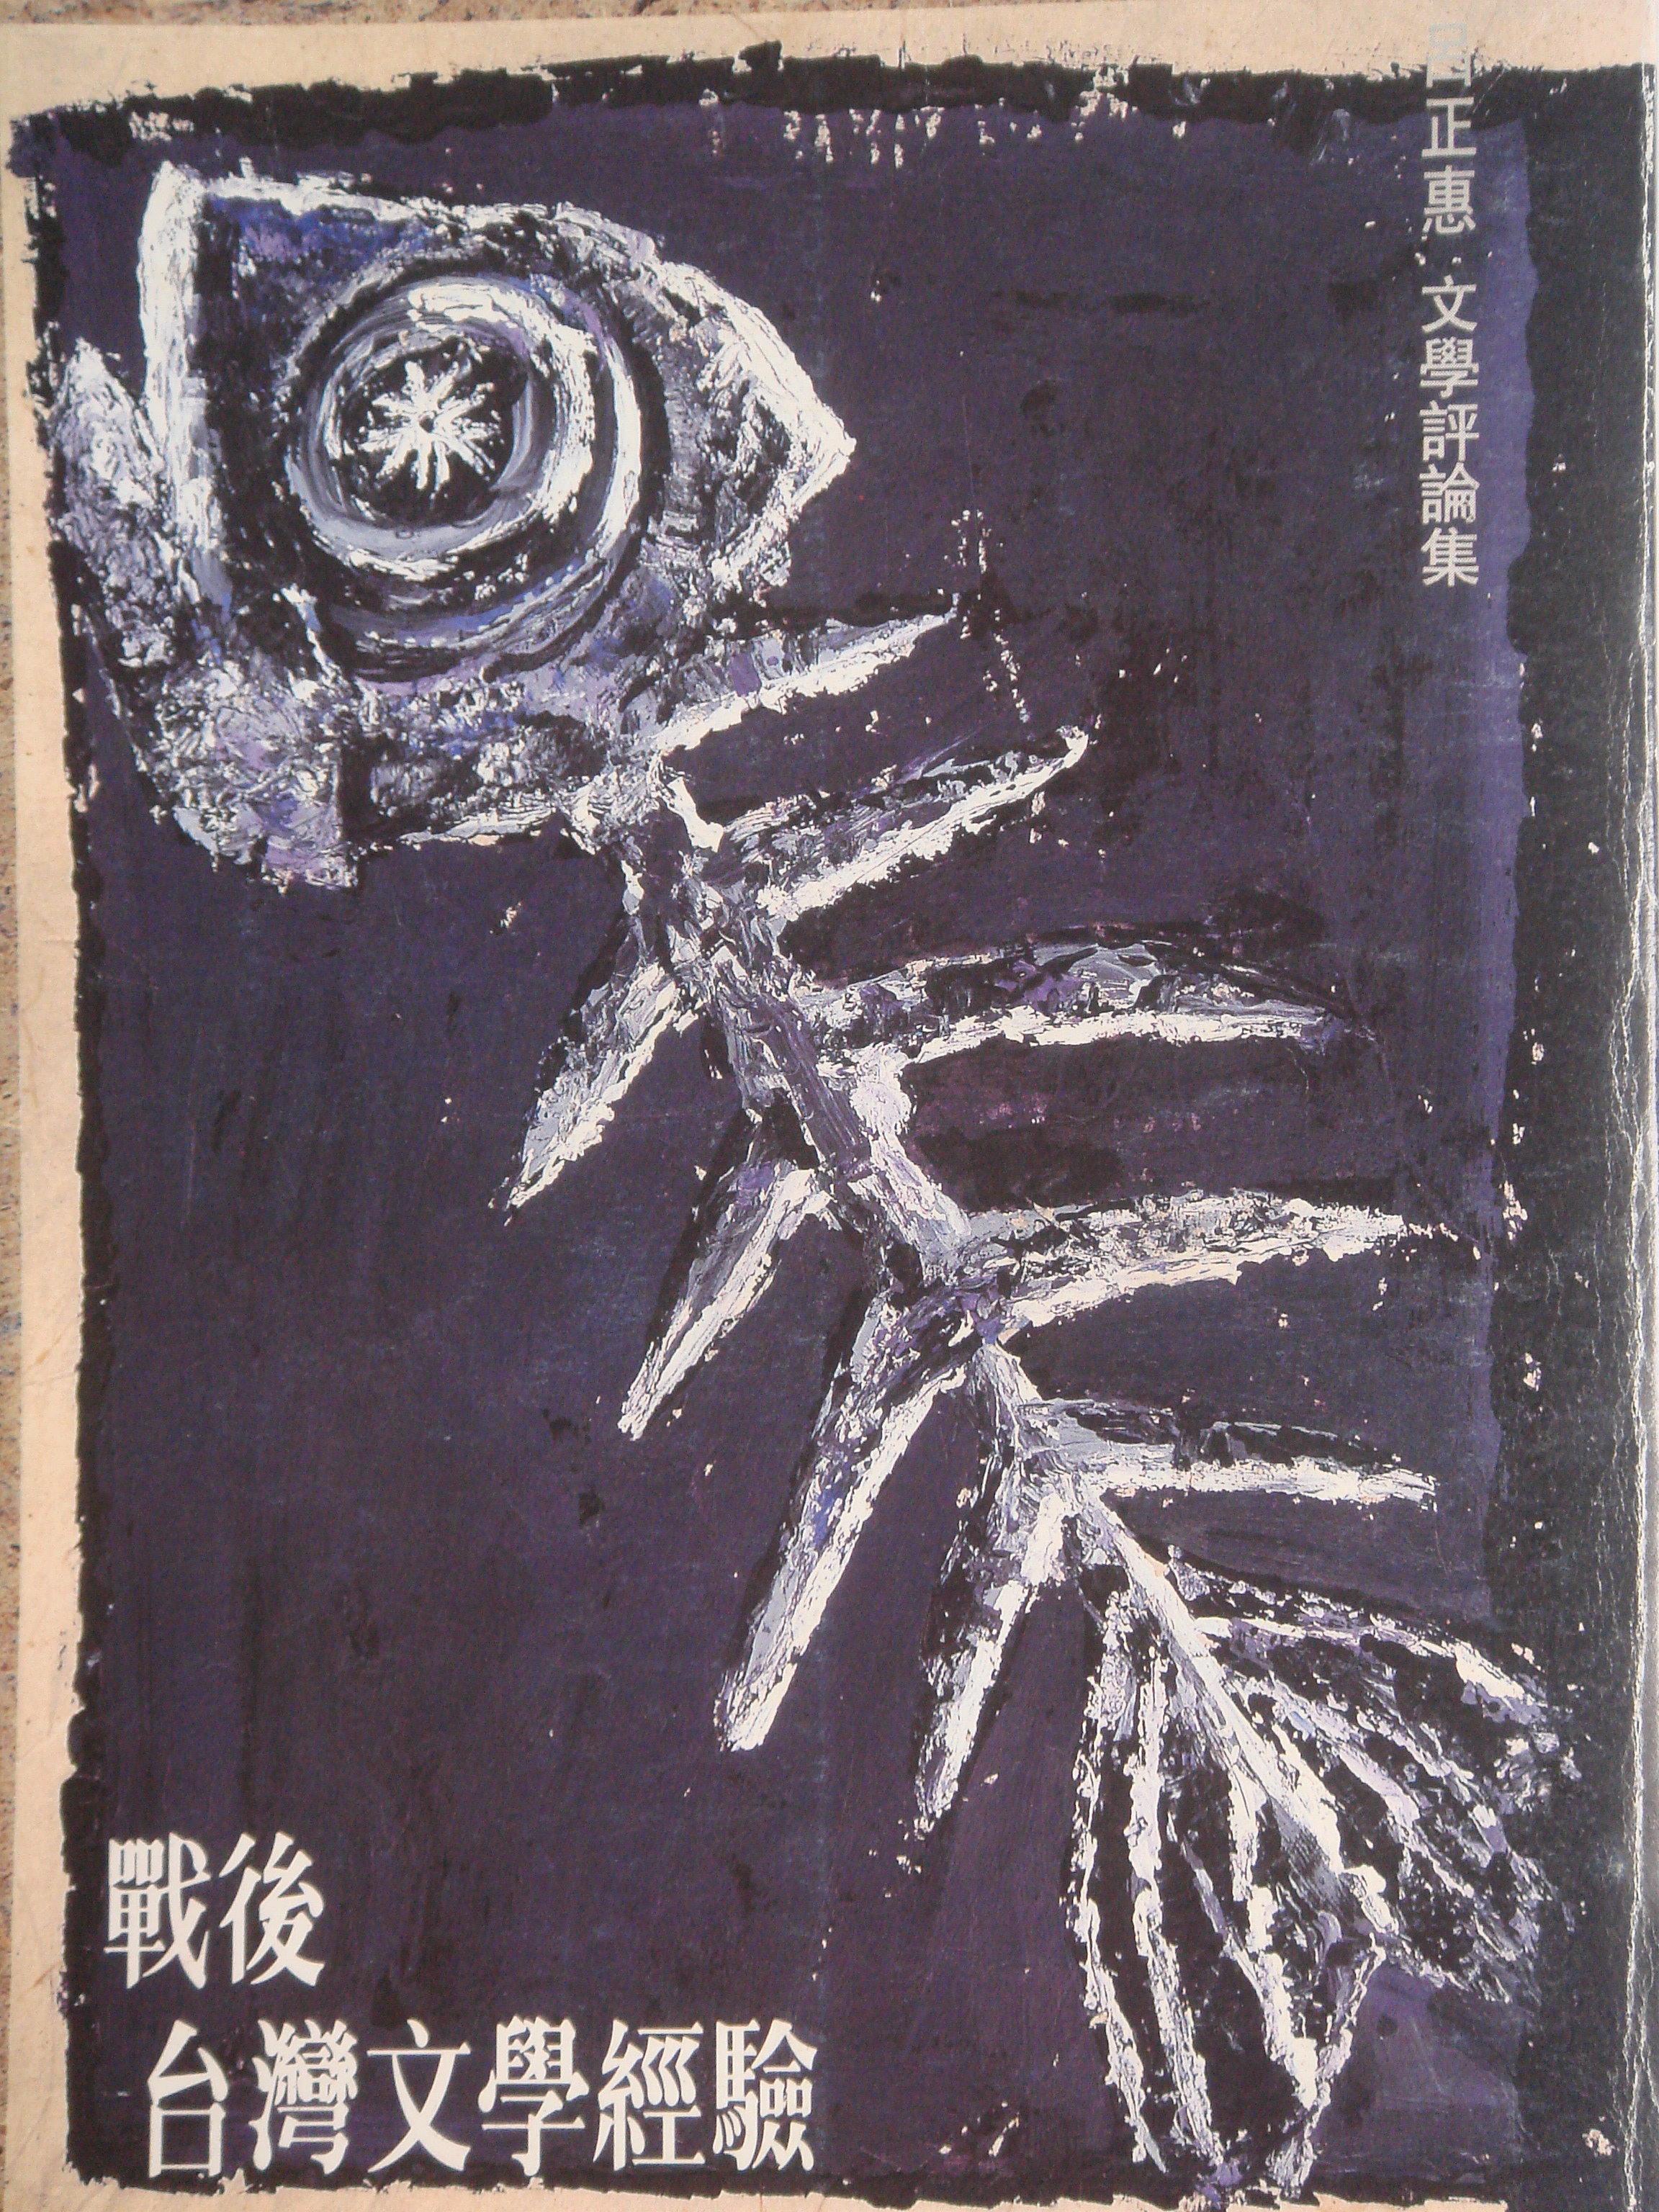 戰後台灣文學經驗